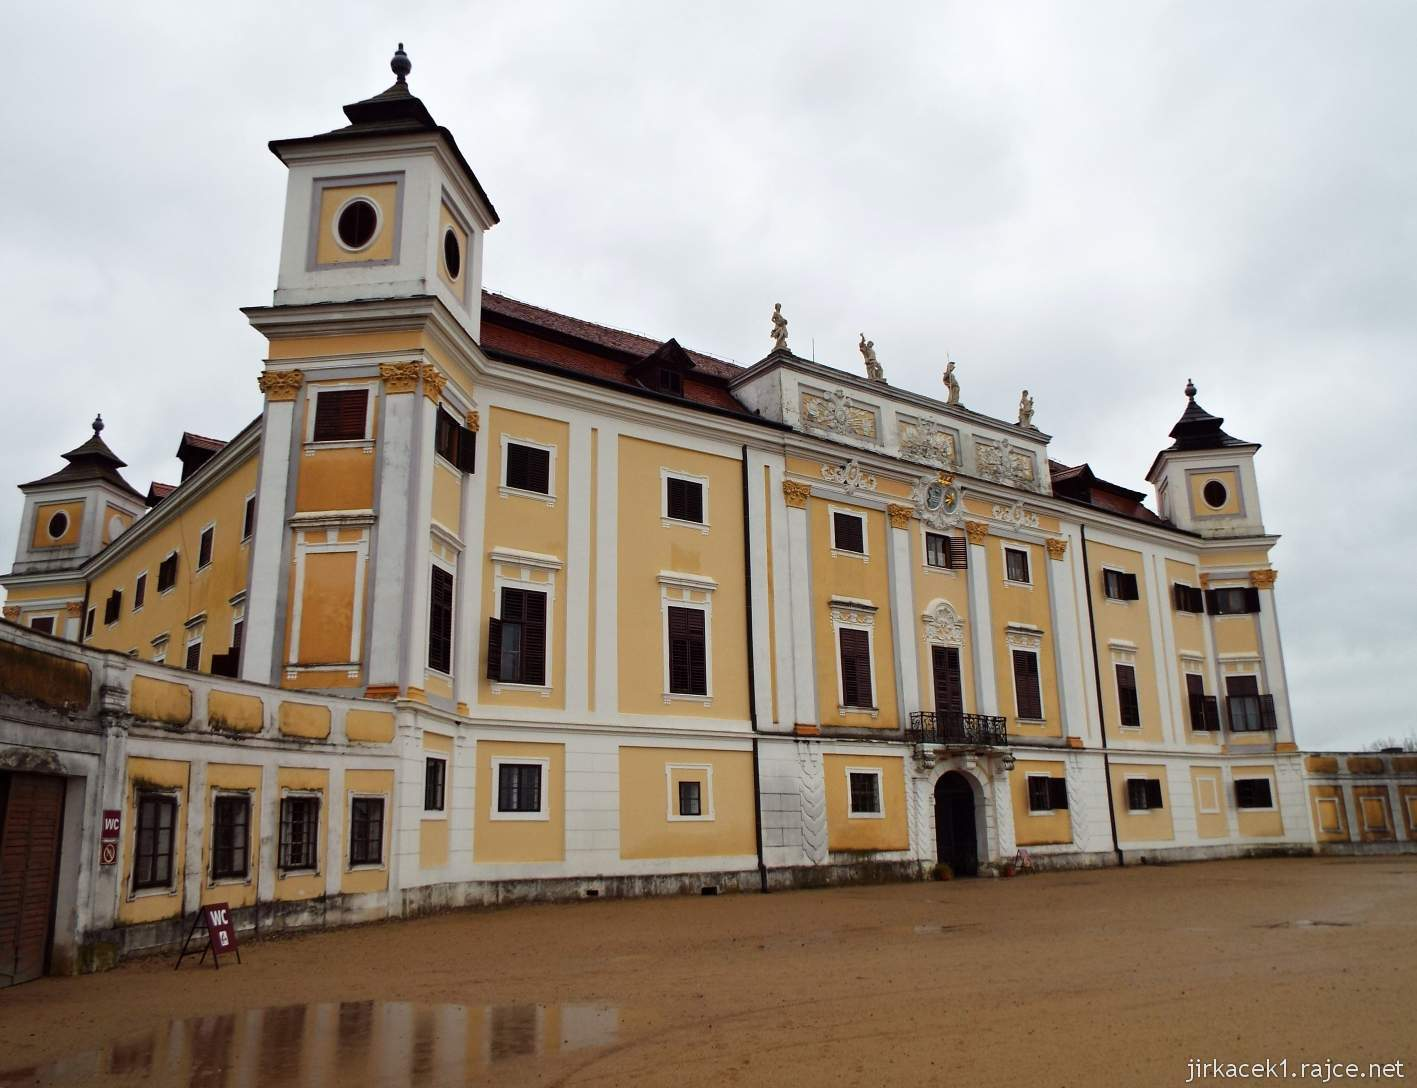 zámek Milotice 93 - průčelí zámku